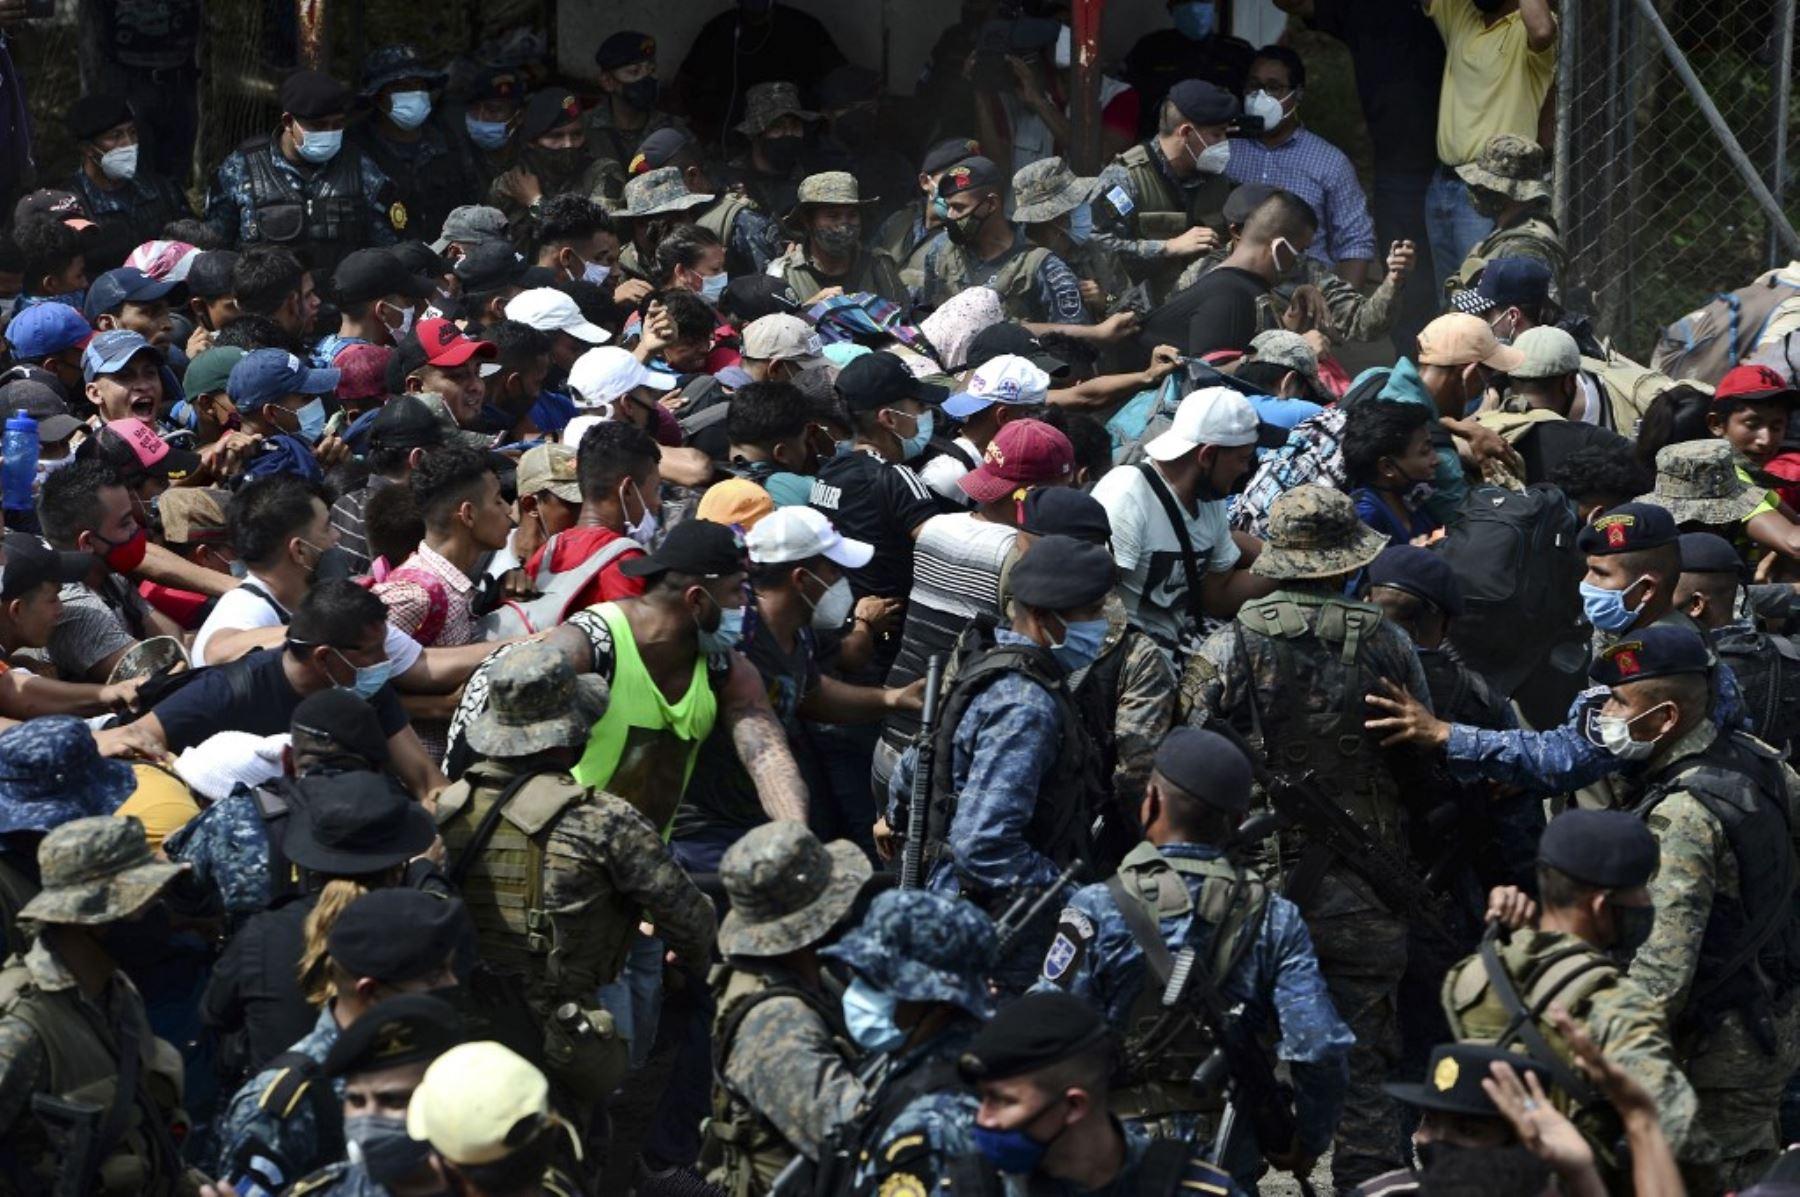 Migrantes hondureños rompen la valla policial para ingresar a Guatemala en su camino a los Estados Unidos, en la frontera de Corinto, Honduras, el 1 de octubre de 2020. La caravana salió de San Pedro Sula el miércoles a la medianoche en búsqueda del sueño americano. Foto: AFP